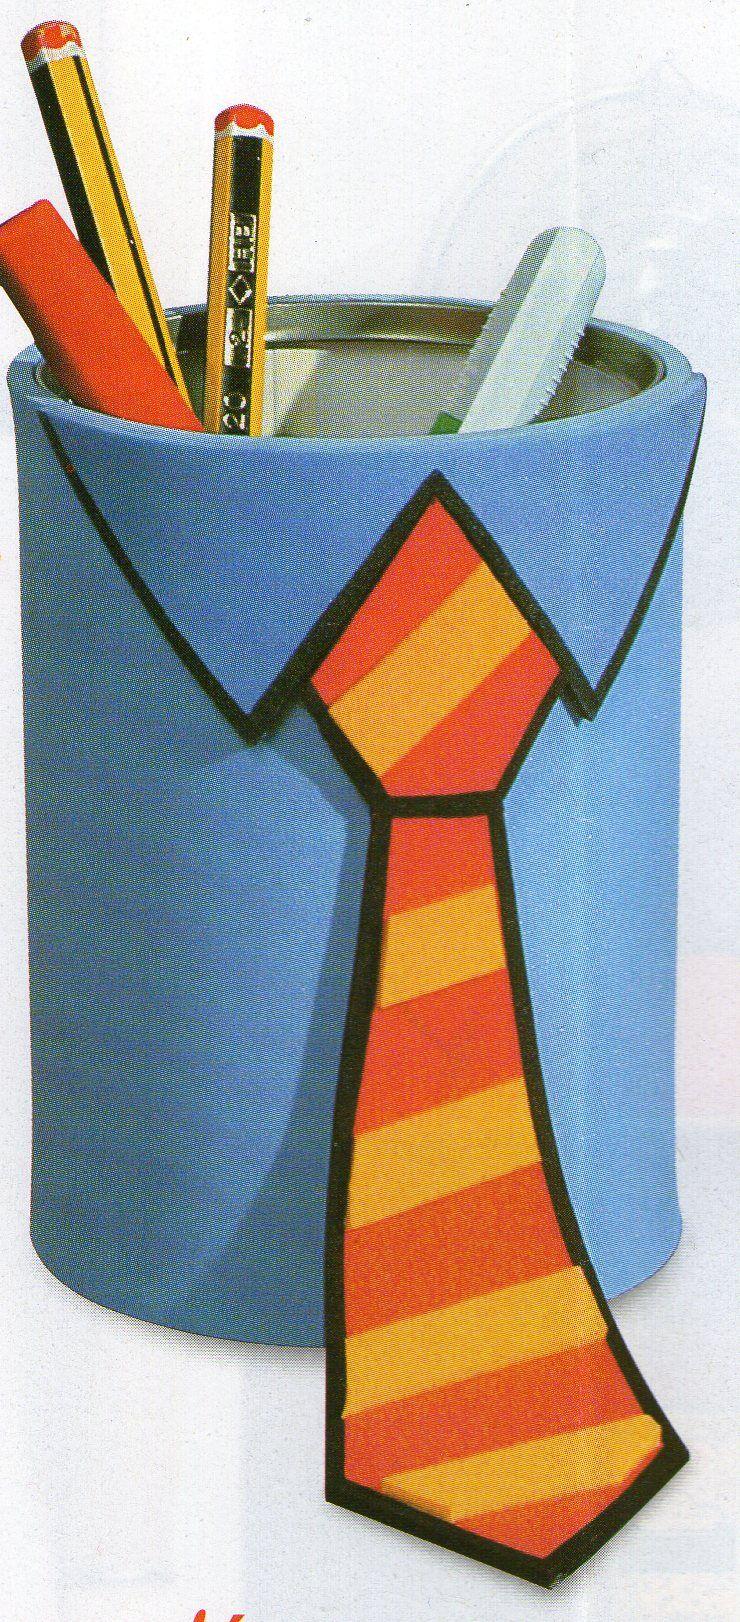 Célèbre Idées Fêtes des Pères : photobarquette, pot à crayons cravaté  AU96